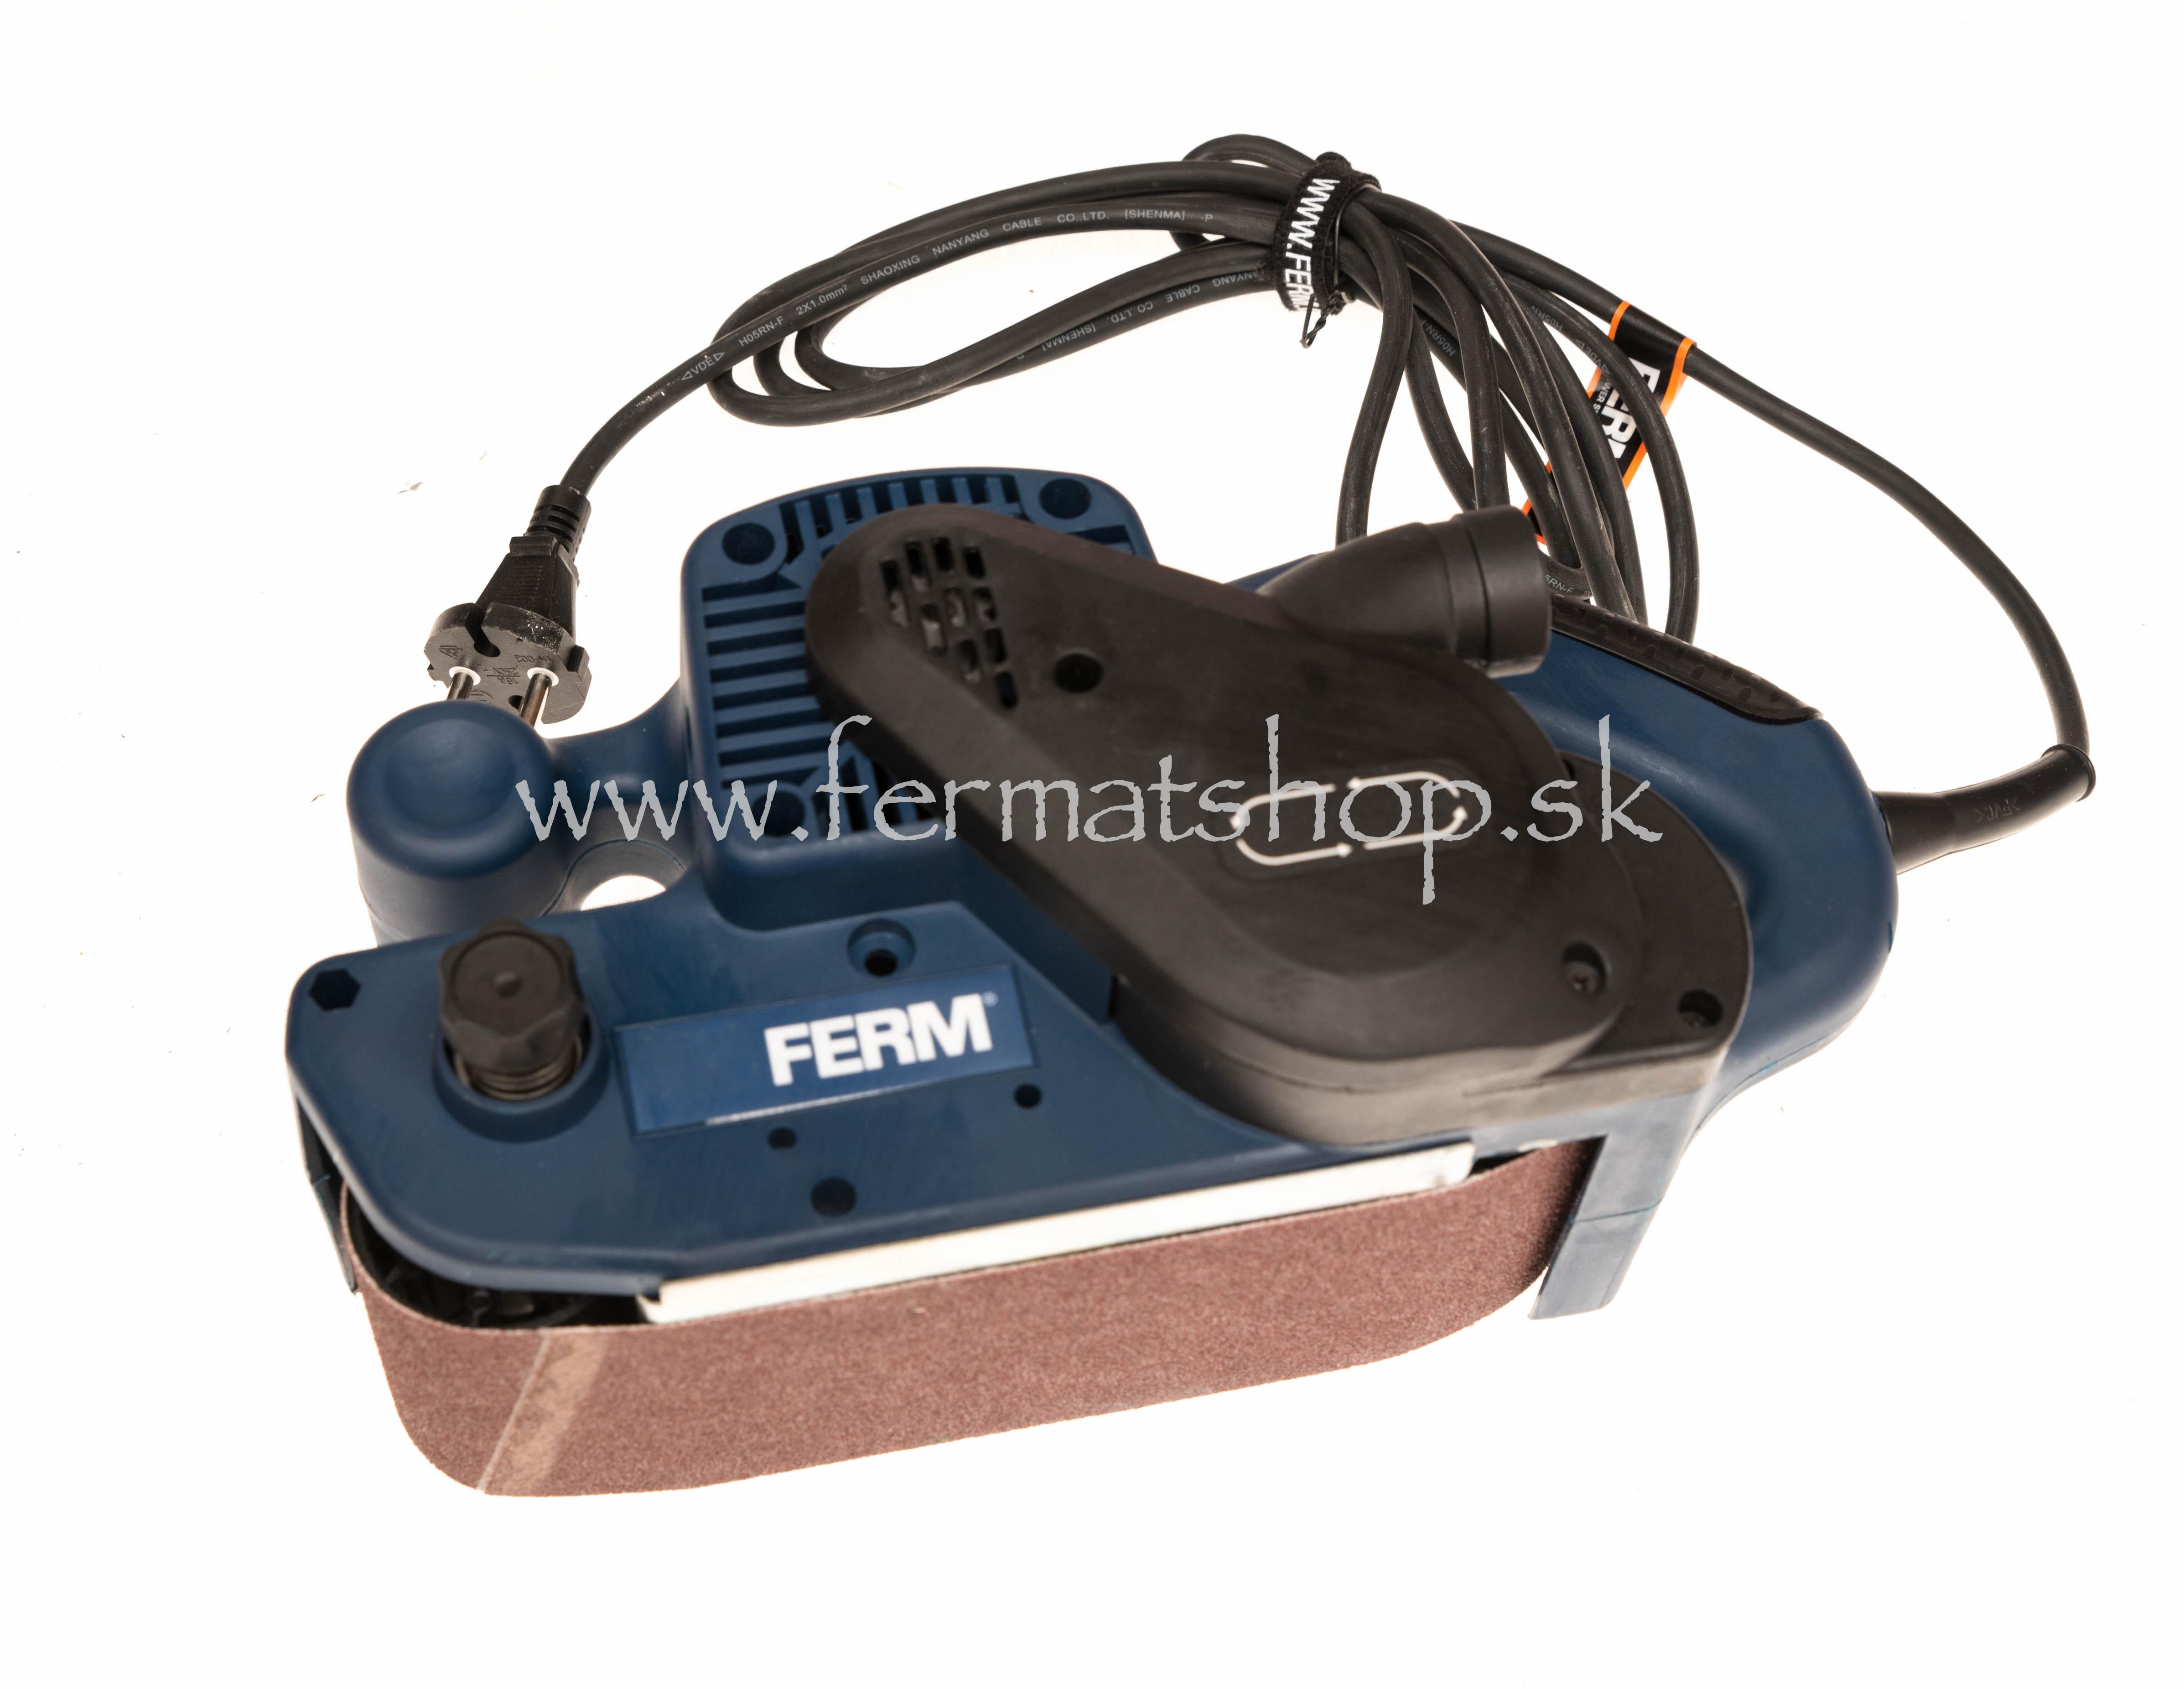 4286f3588316b Pásová brúska Ferm BSM 1024 - FERMAT SHOP